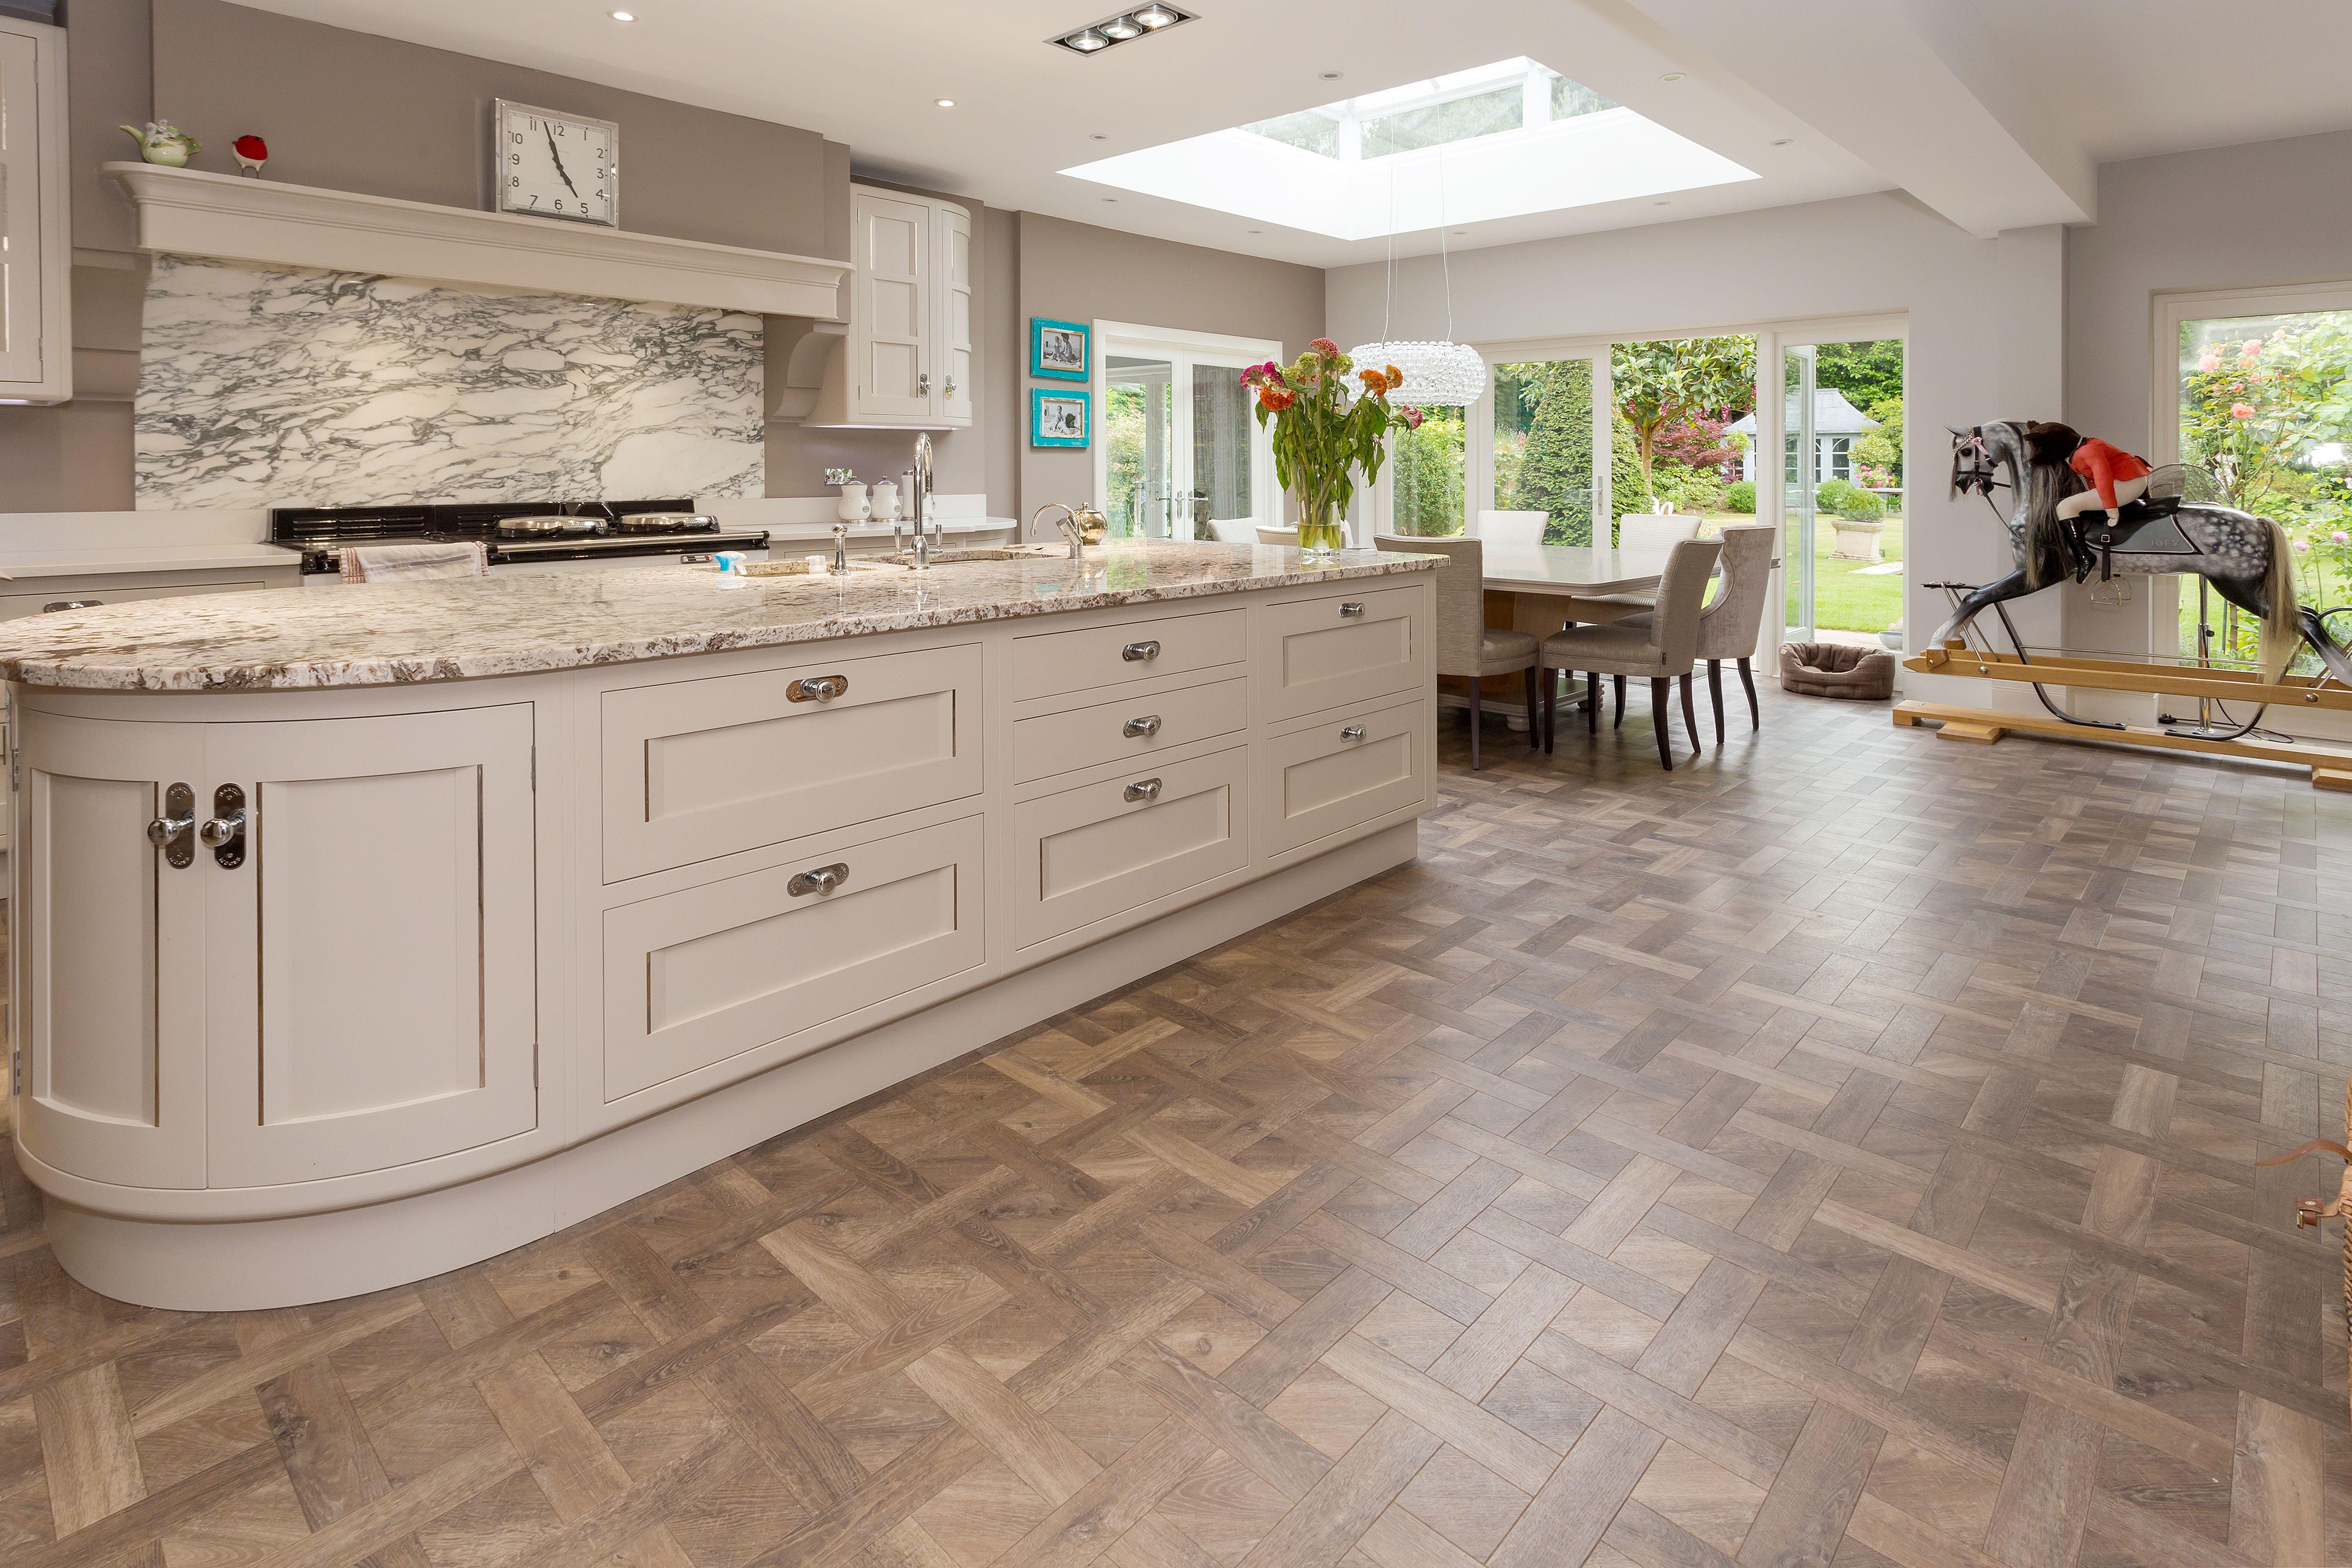 Amtico Signature Basketweave Luxury Vinyl Tile Flooring To Kitchen With Large Island Amtico Flooring Kitchen Luxury Vinyl Tile Amtico Flooring